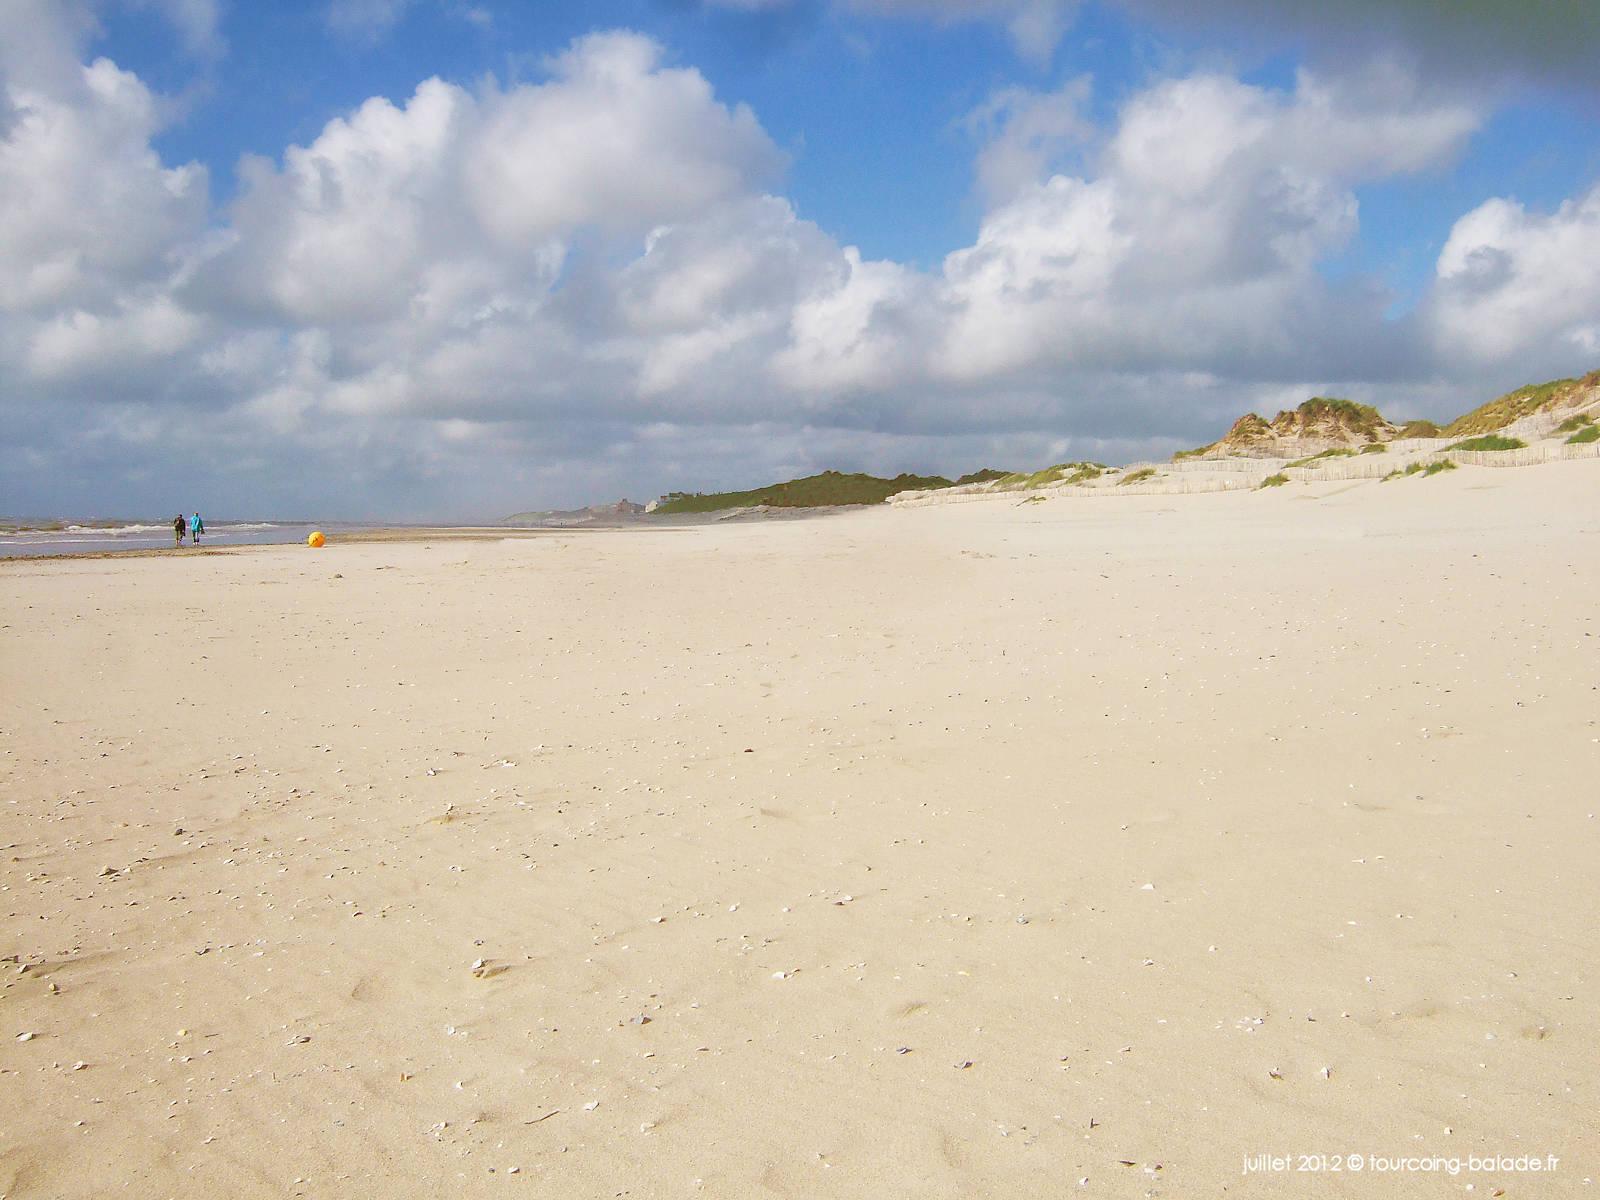 Le Crotoy, plage de sable et dunes